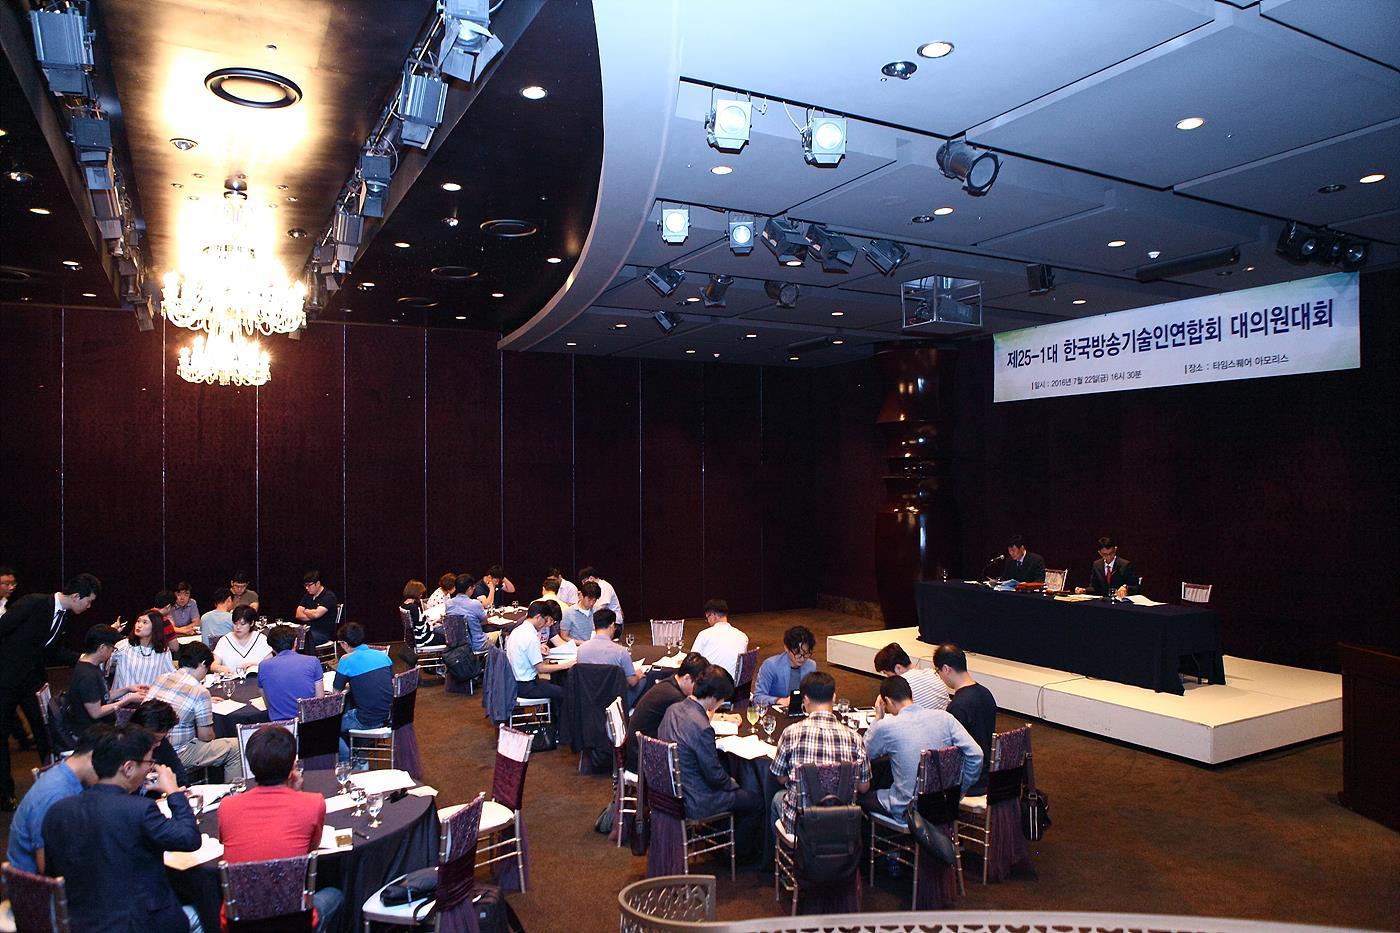 이취임식 전에 진행되었던 25-1대 대의원대회